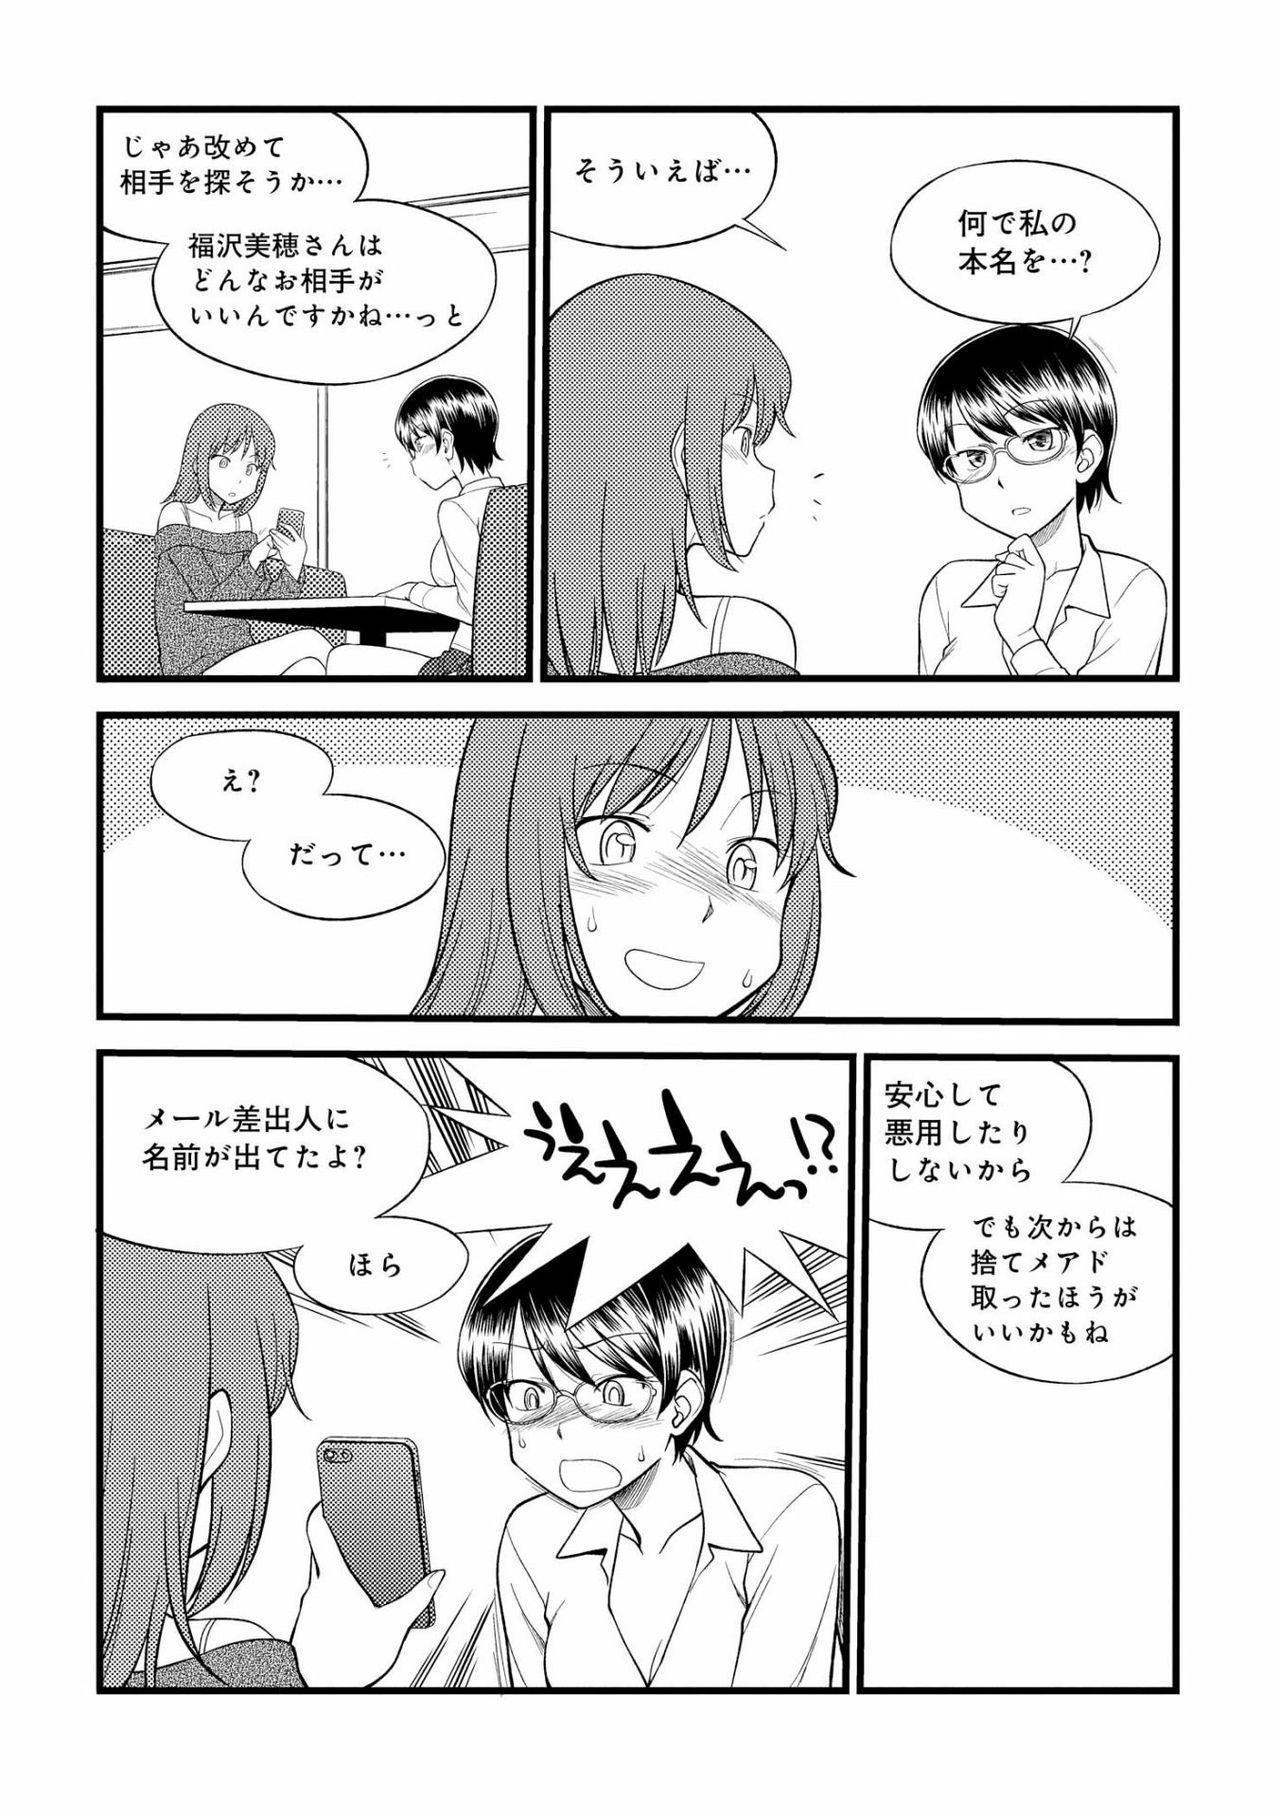 [Mitsuba] Karada mo Kokoro mo Boku no Mono ~Hajimete no SM Guide~ 2 [Digital] 34